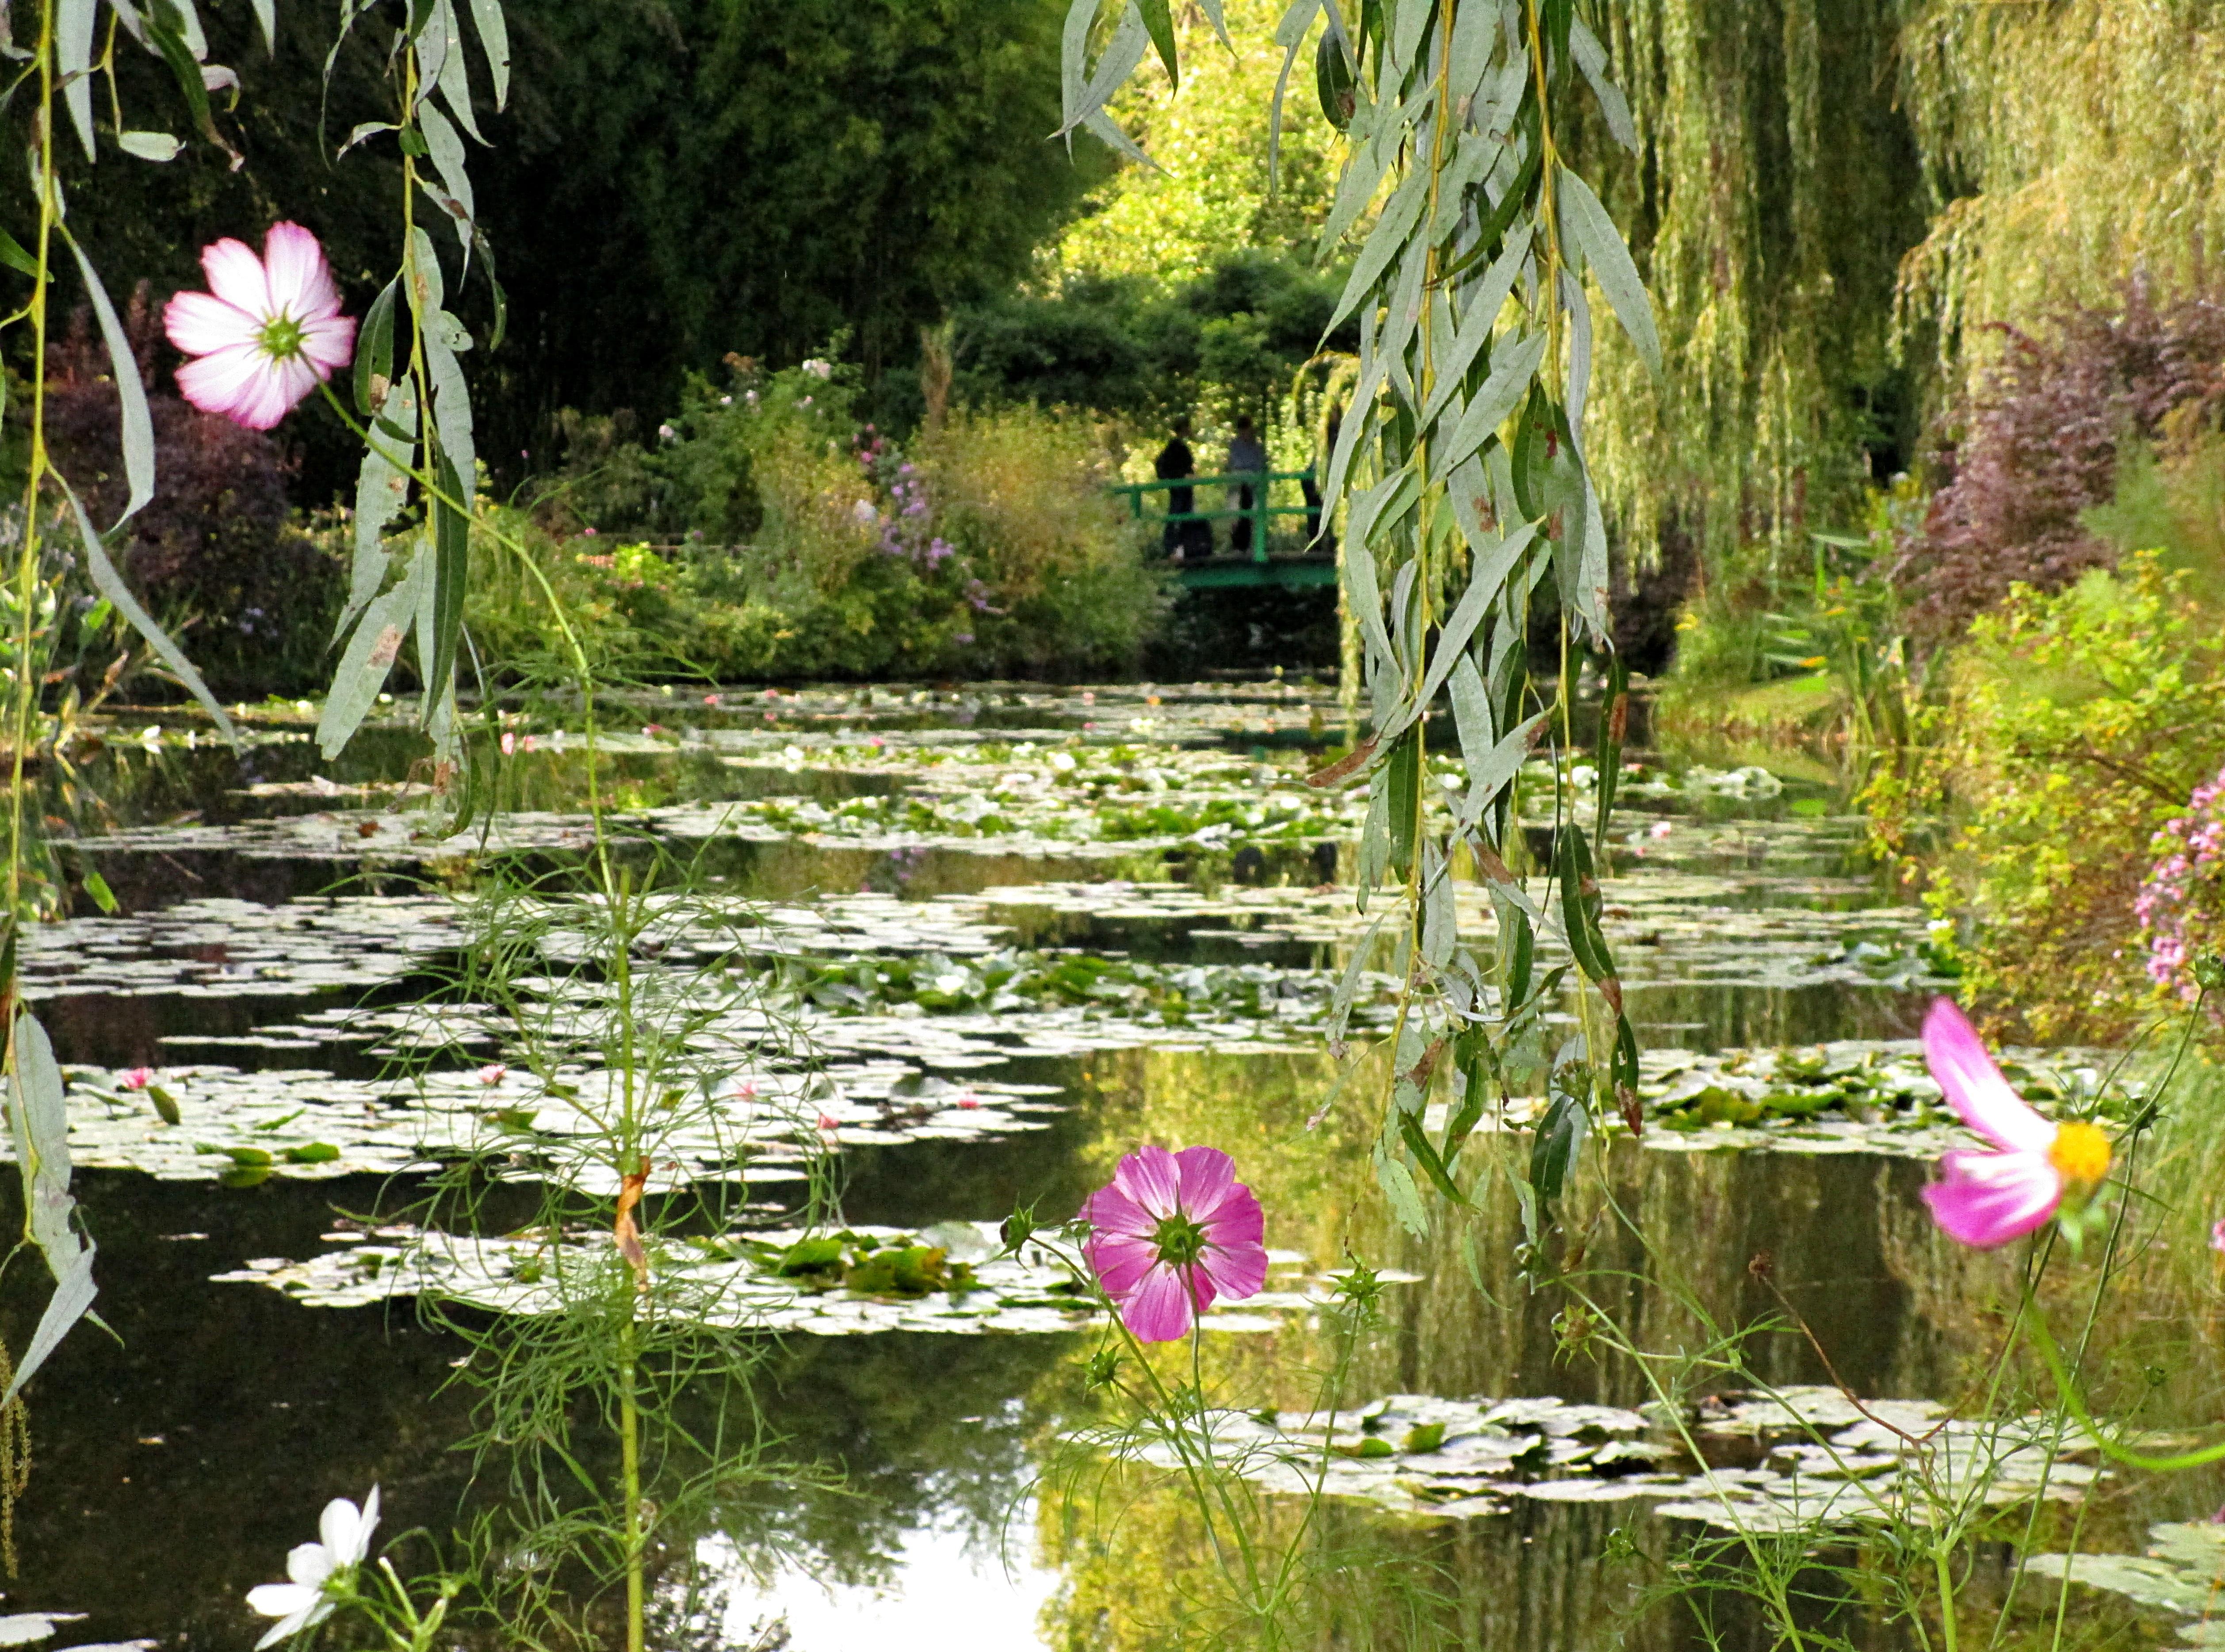 Les nymph as de claude monet giverny for Le jardin de violette